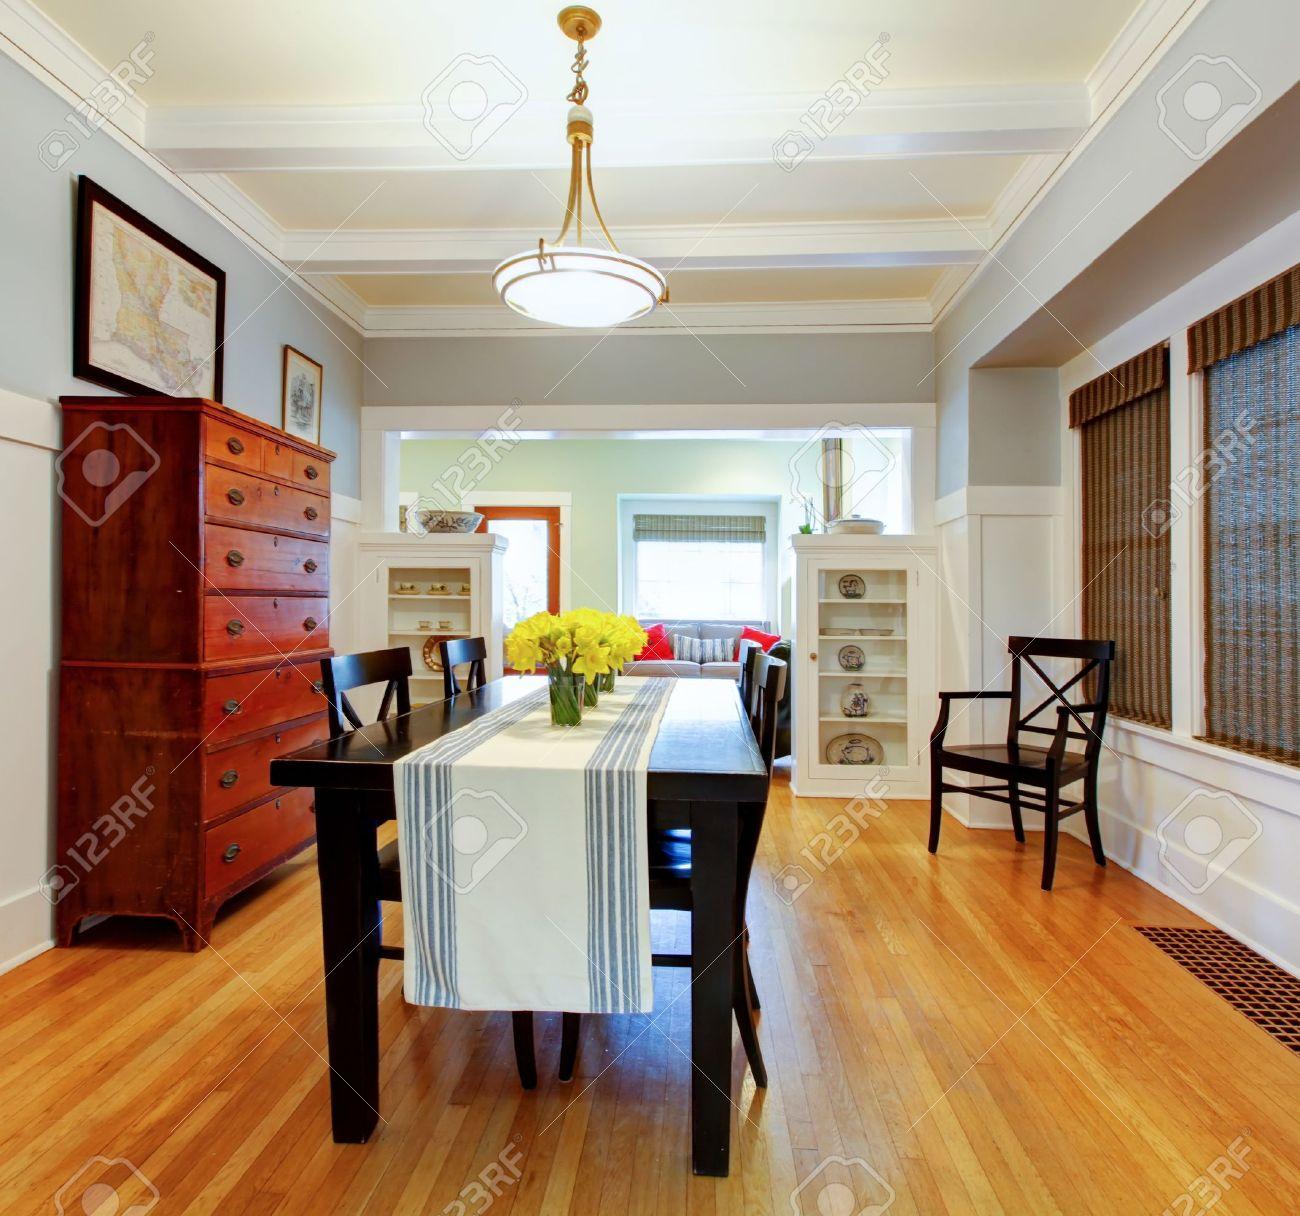 Interieur Salle A Manger Avec Table Noire Grande Et Commode En Bois Avec Des Murs Bleus Gris